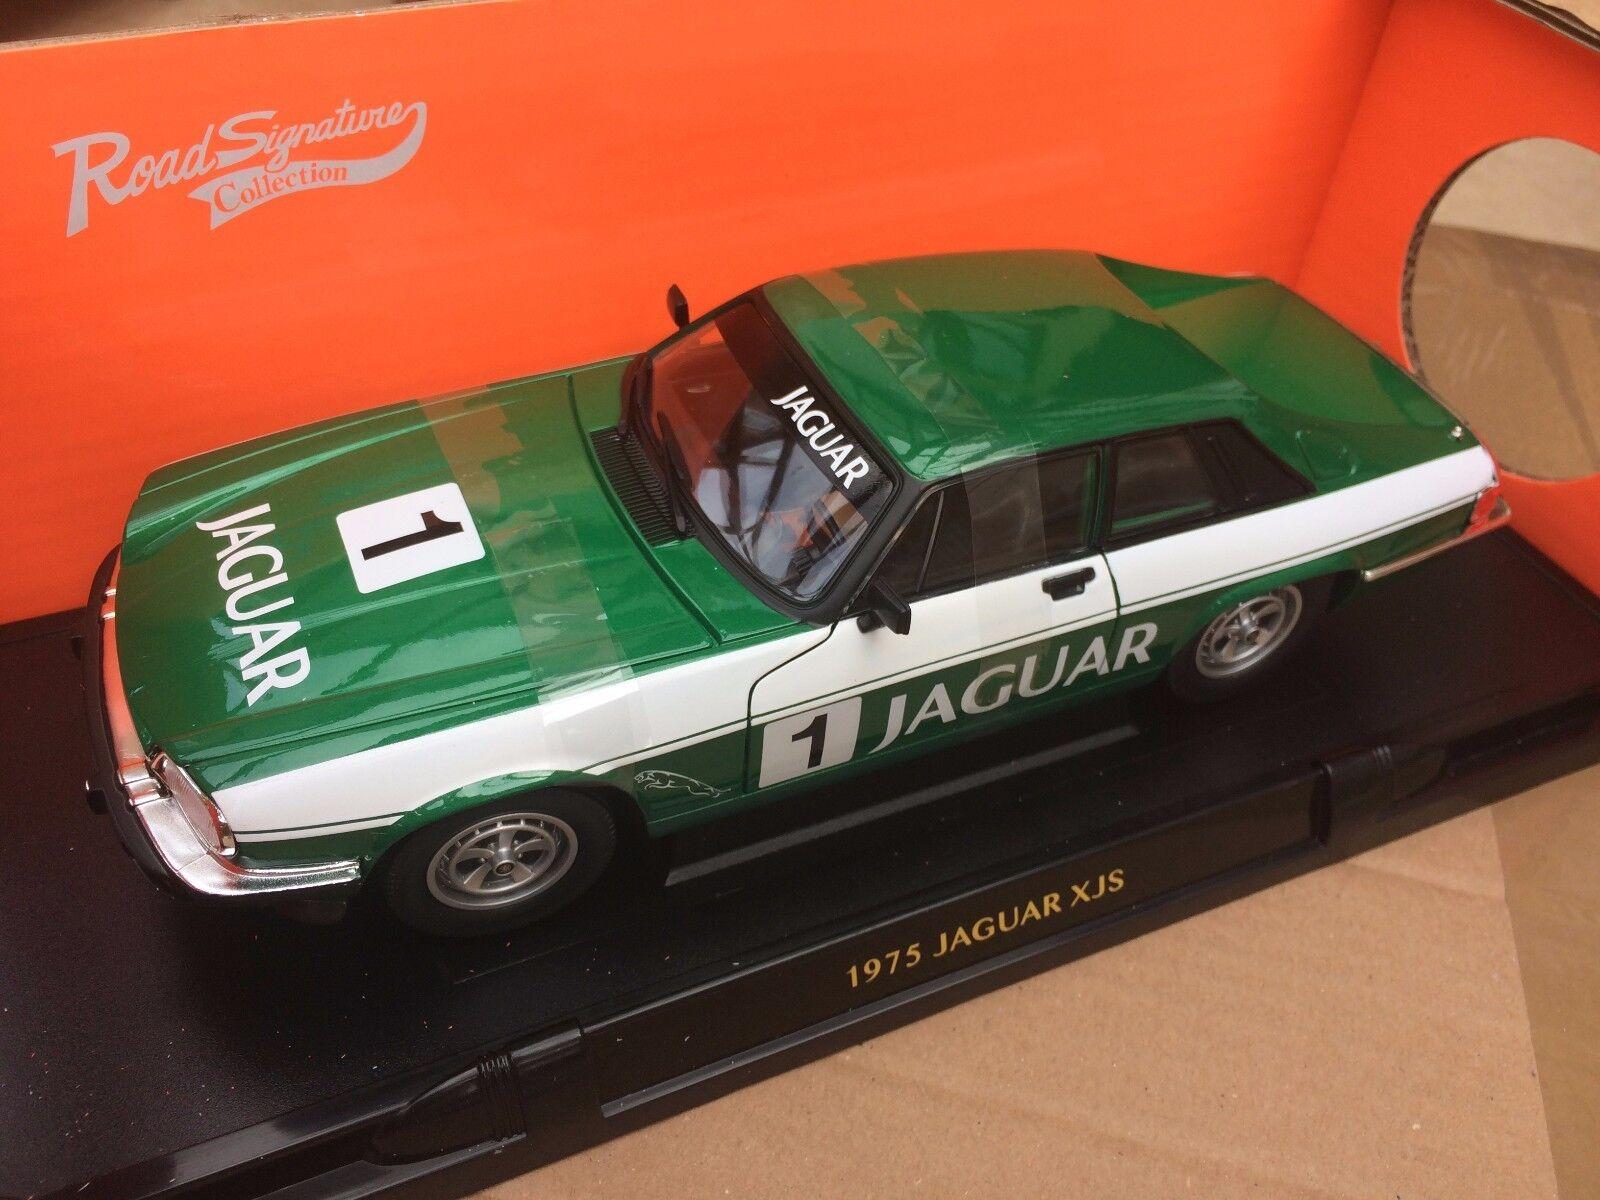 ROAD LEGENDS 92658GNR JAGUAR XJS diecast model TOURING RACE car 1 18th scale